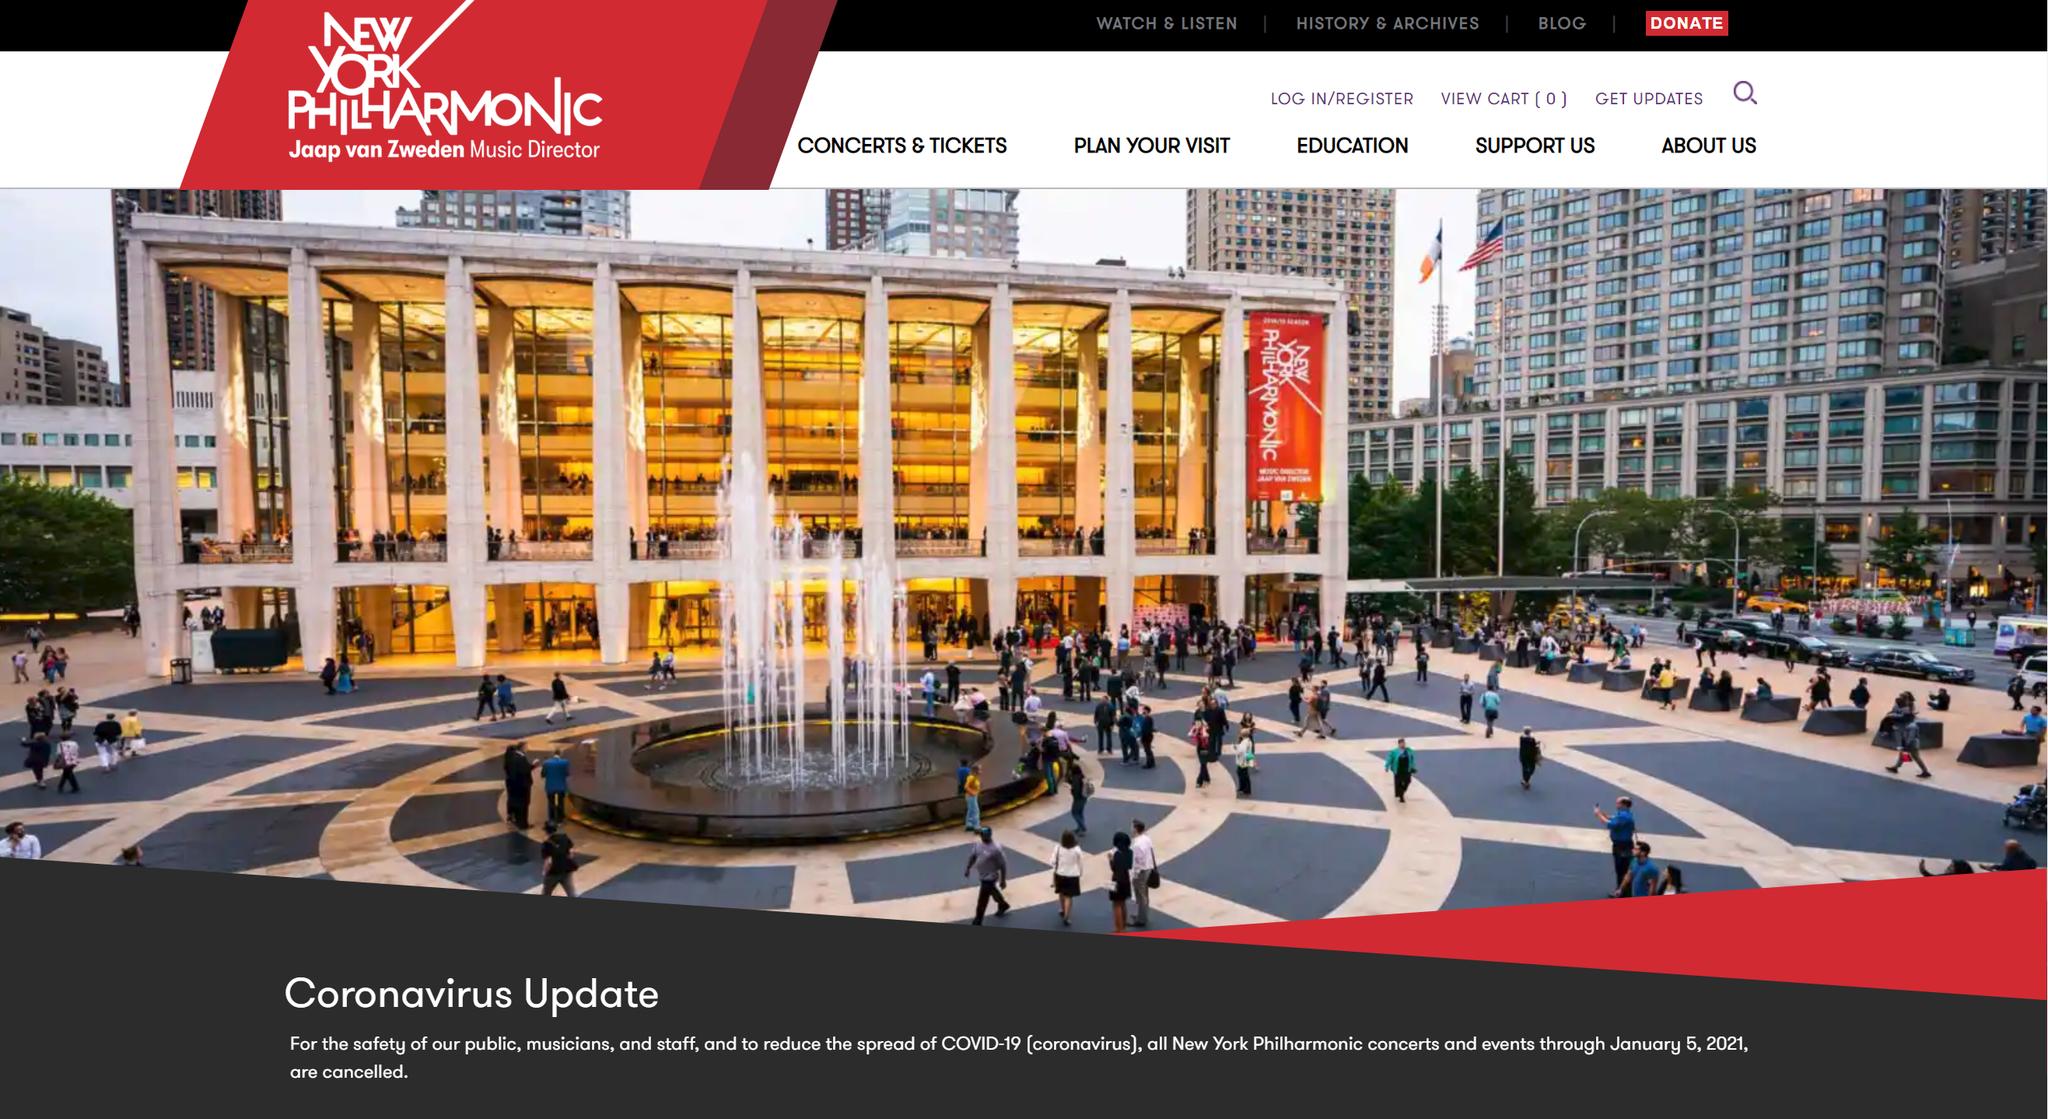 纽约爱乐乐团宣布取消2020年所有演出图片